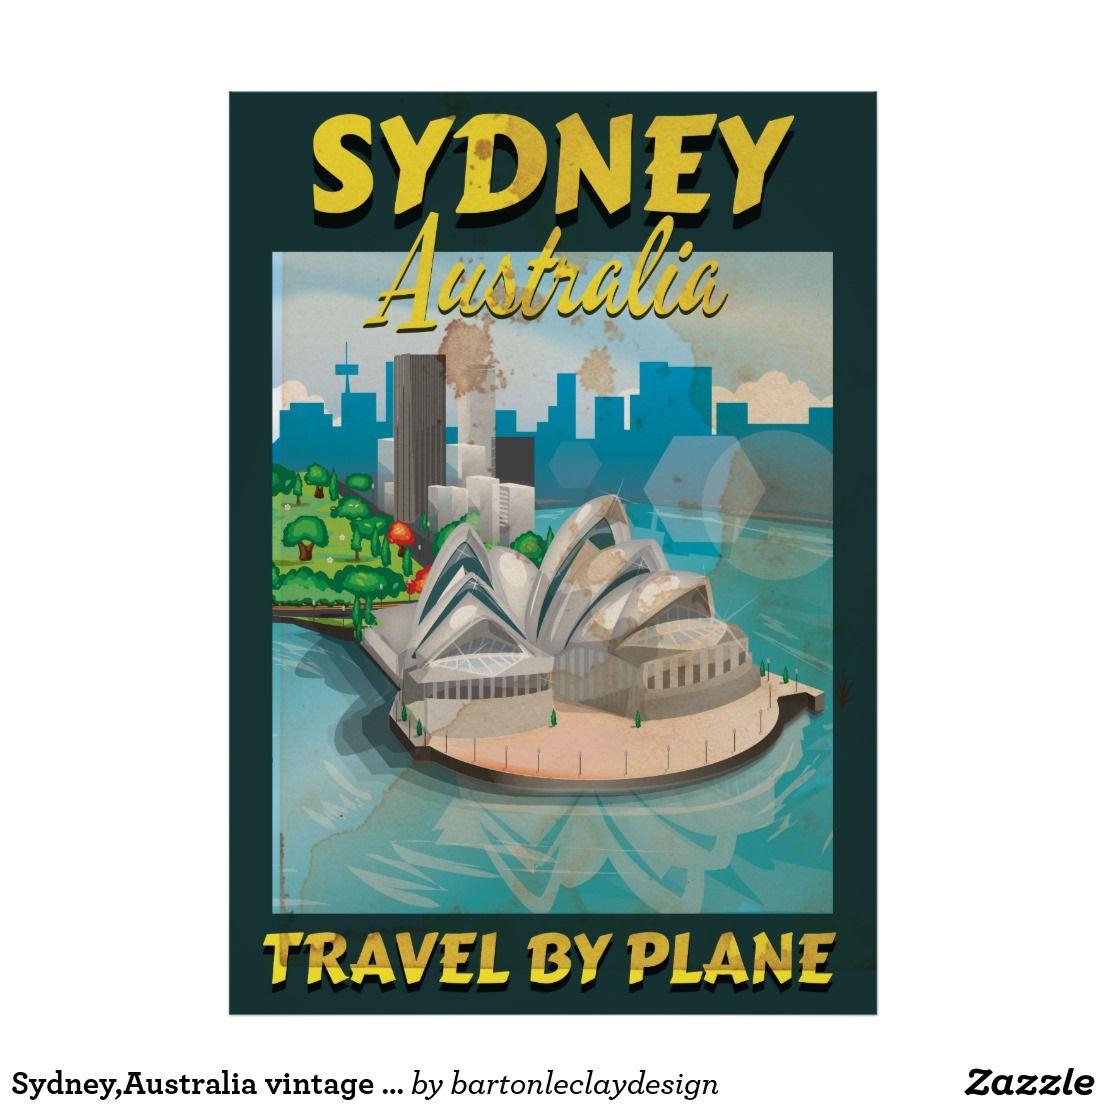 Sydney Australia Vintage Travel Poster Zazzle Com Vintage Travel Posters Travel Posters Vintage Travel